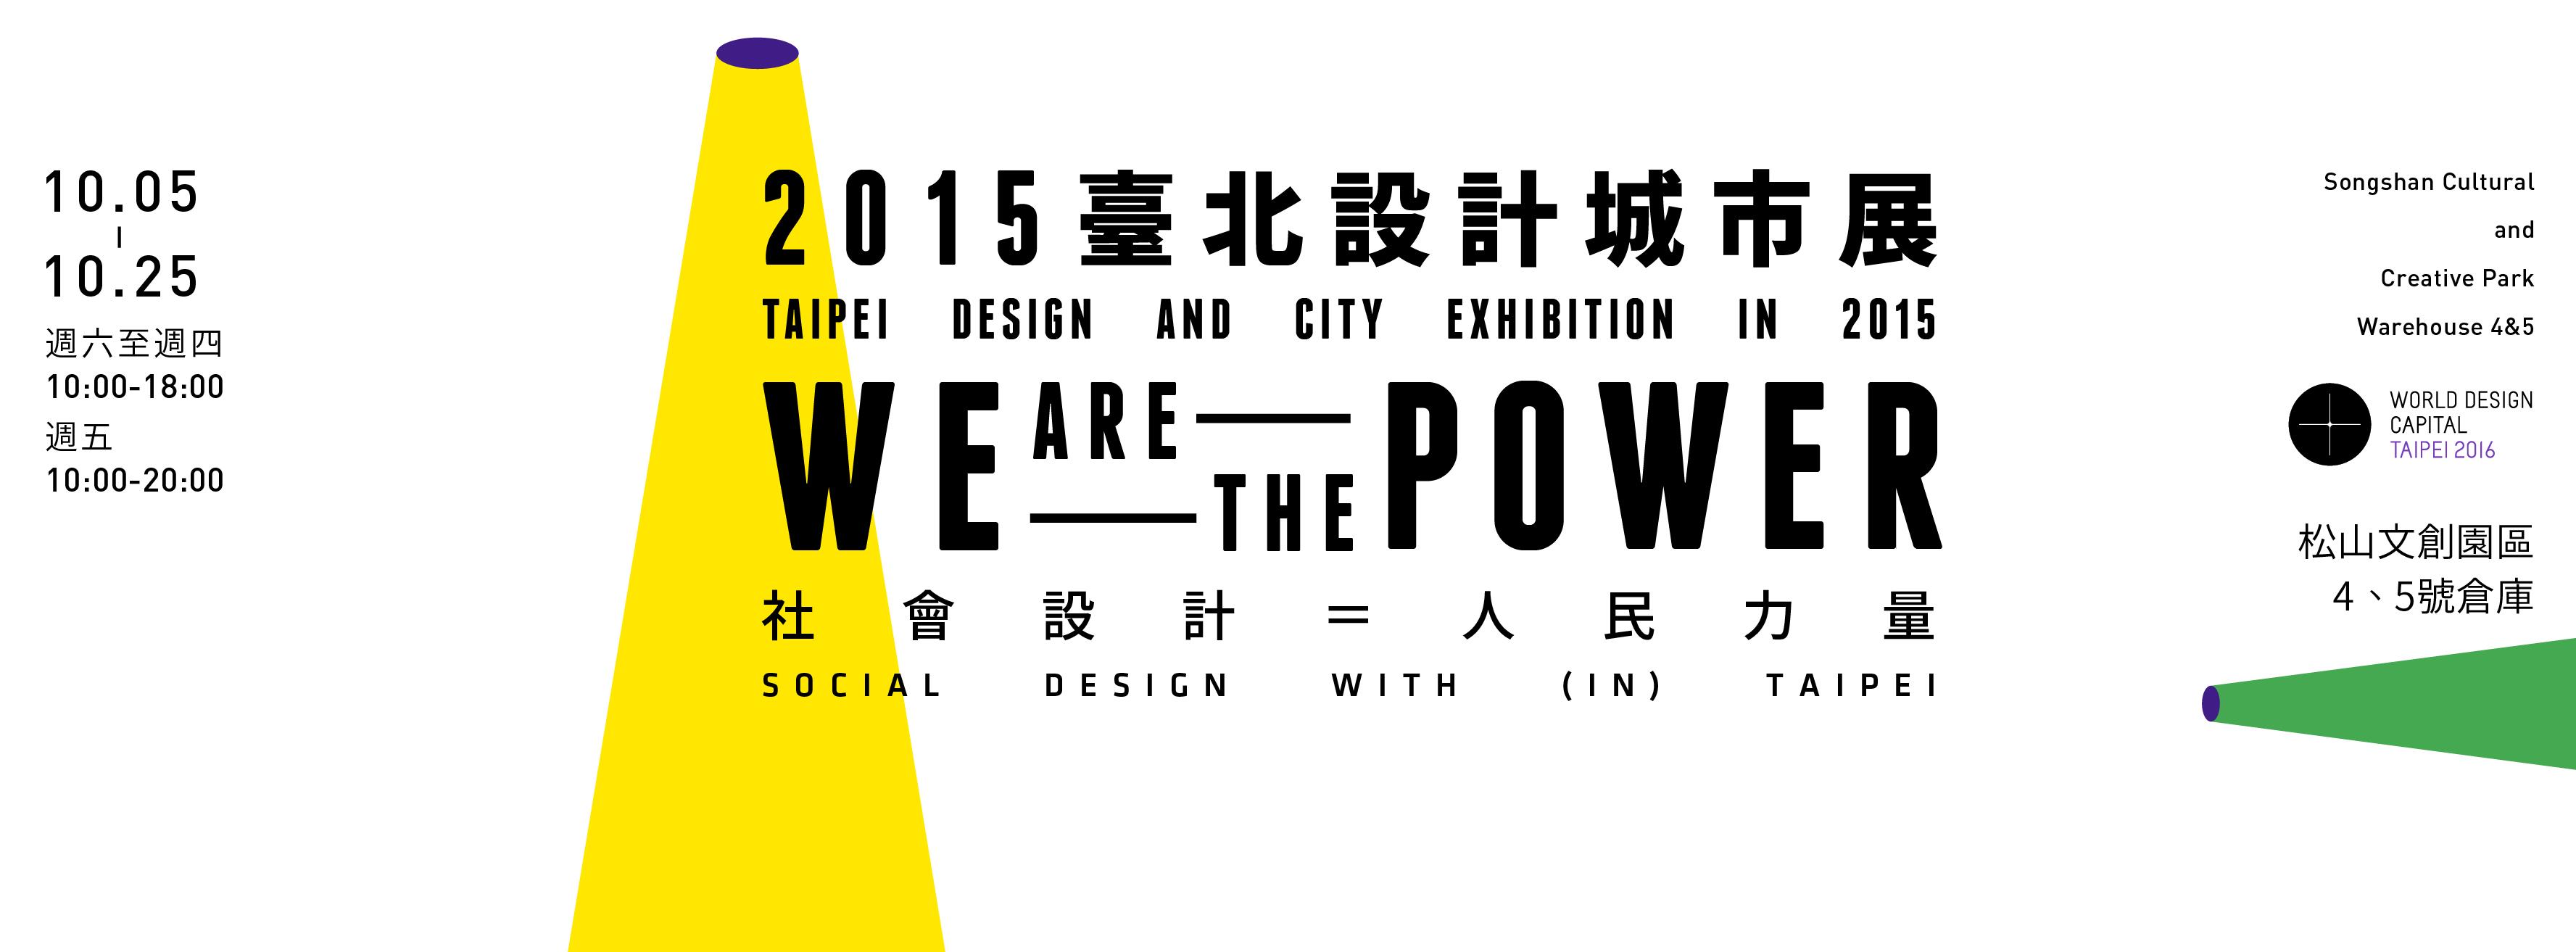 2015臺北設計城市展-主視覺橫幅